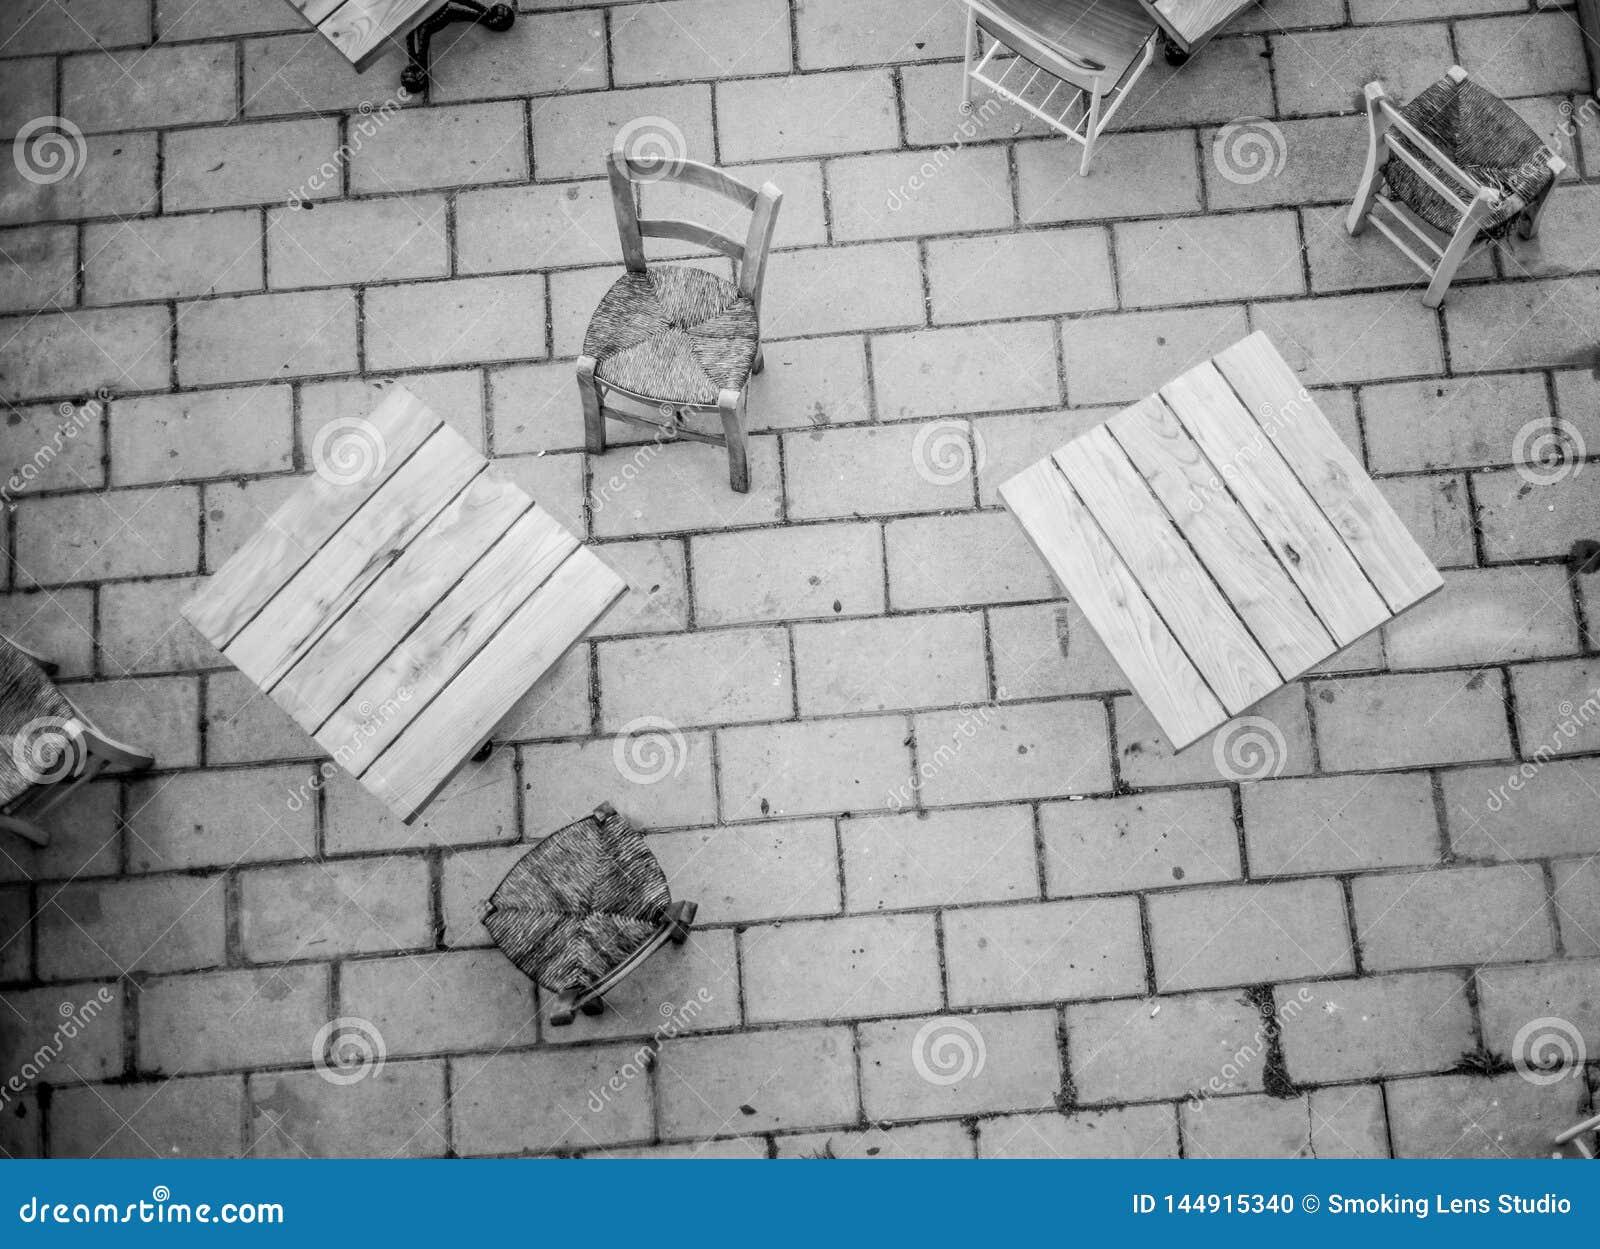 Tables basses en haut dedans de noir et blanc dans une rue piétonnière